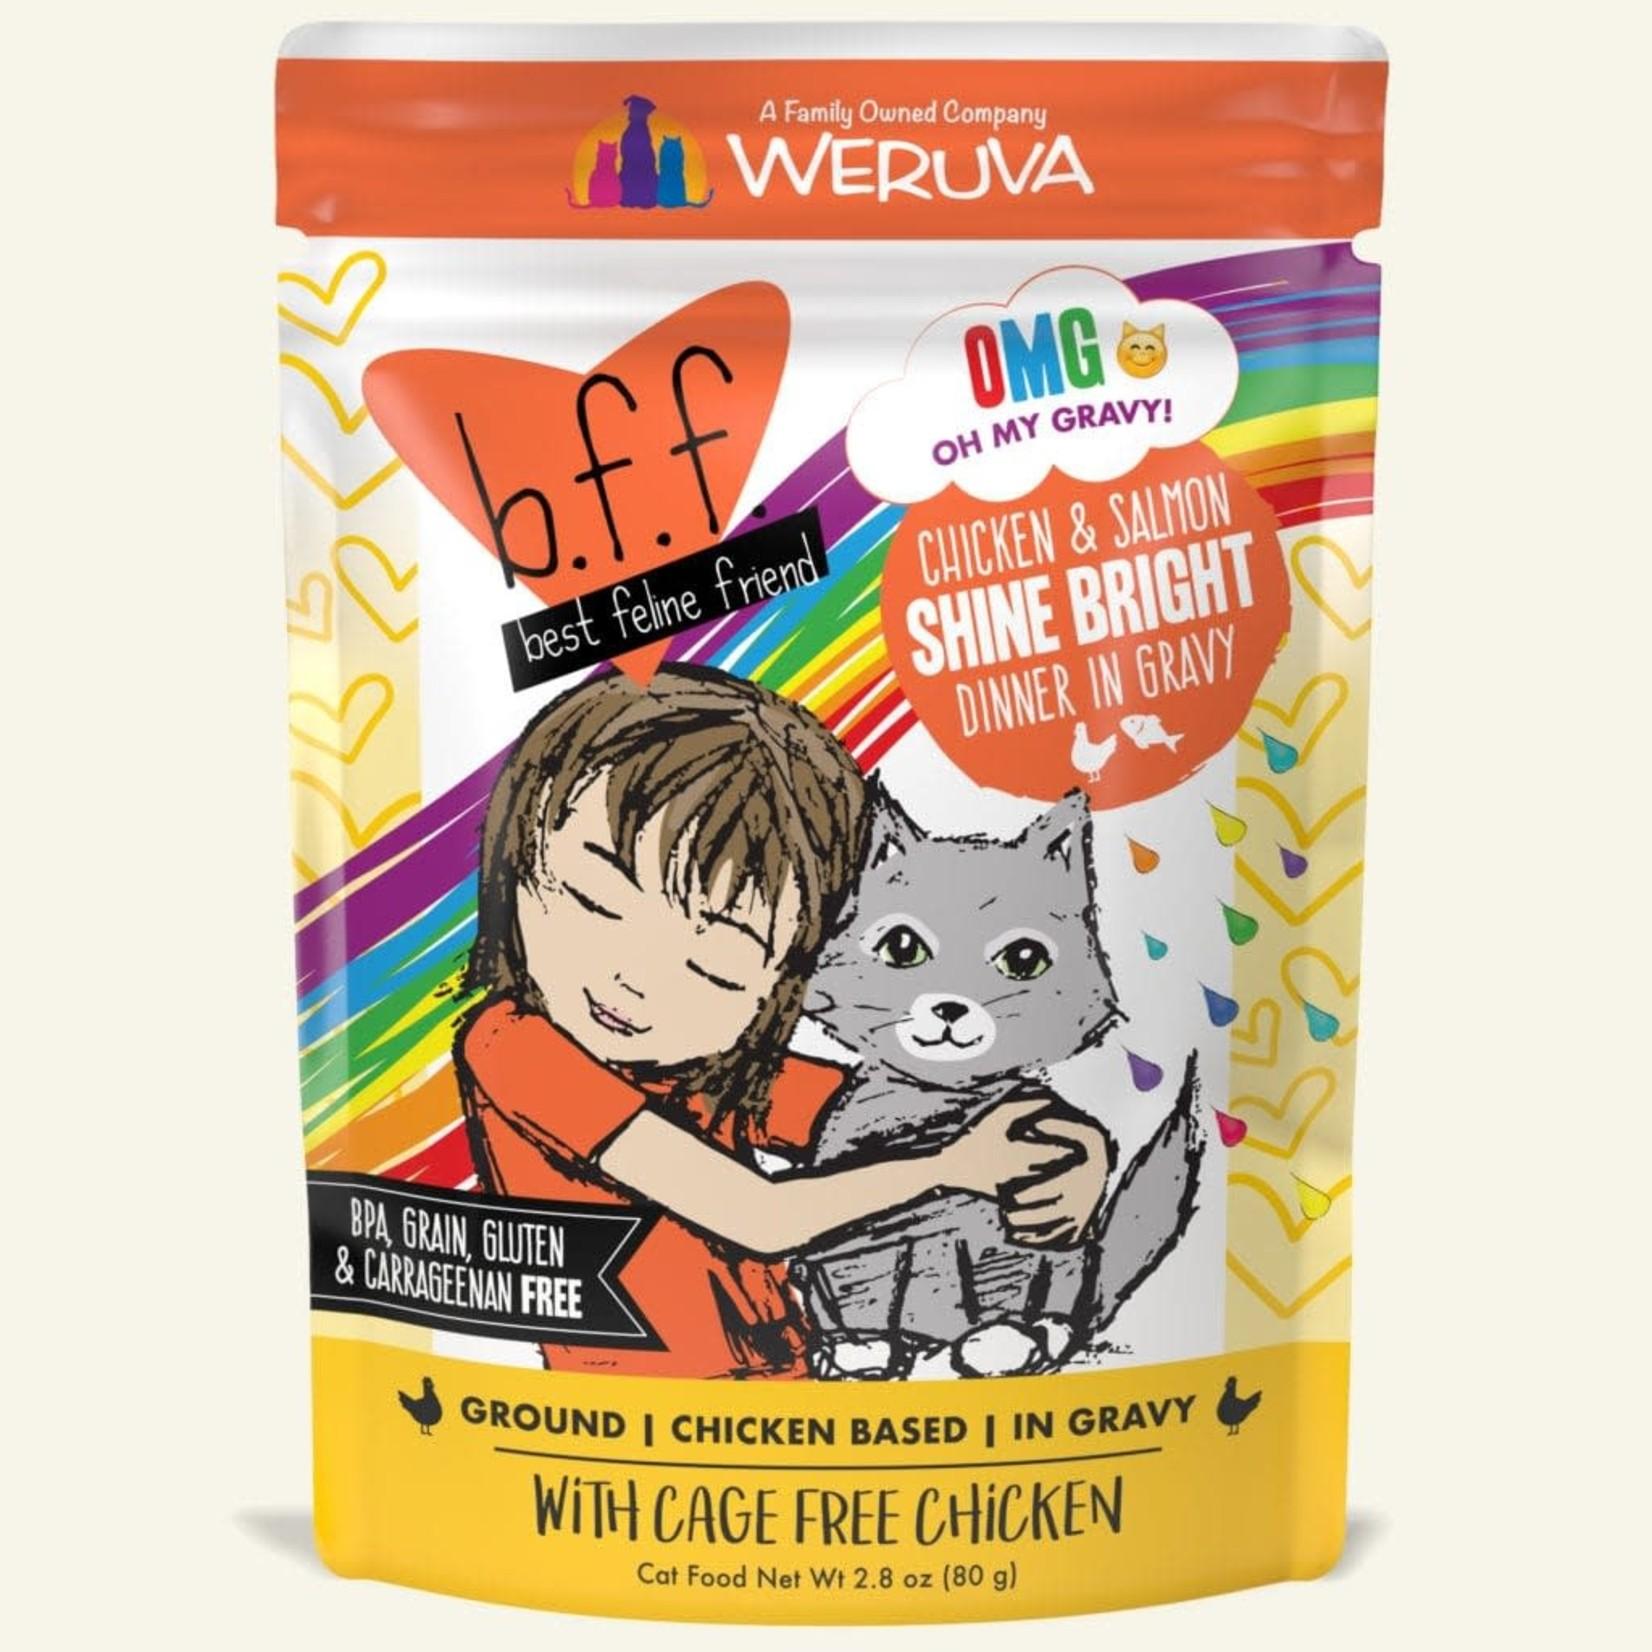 Weruva BFF OMG Cat Chicken & Salmon Shine Bright 2.8 OZ Pouch